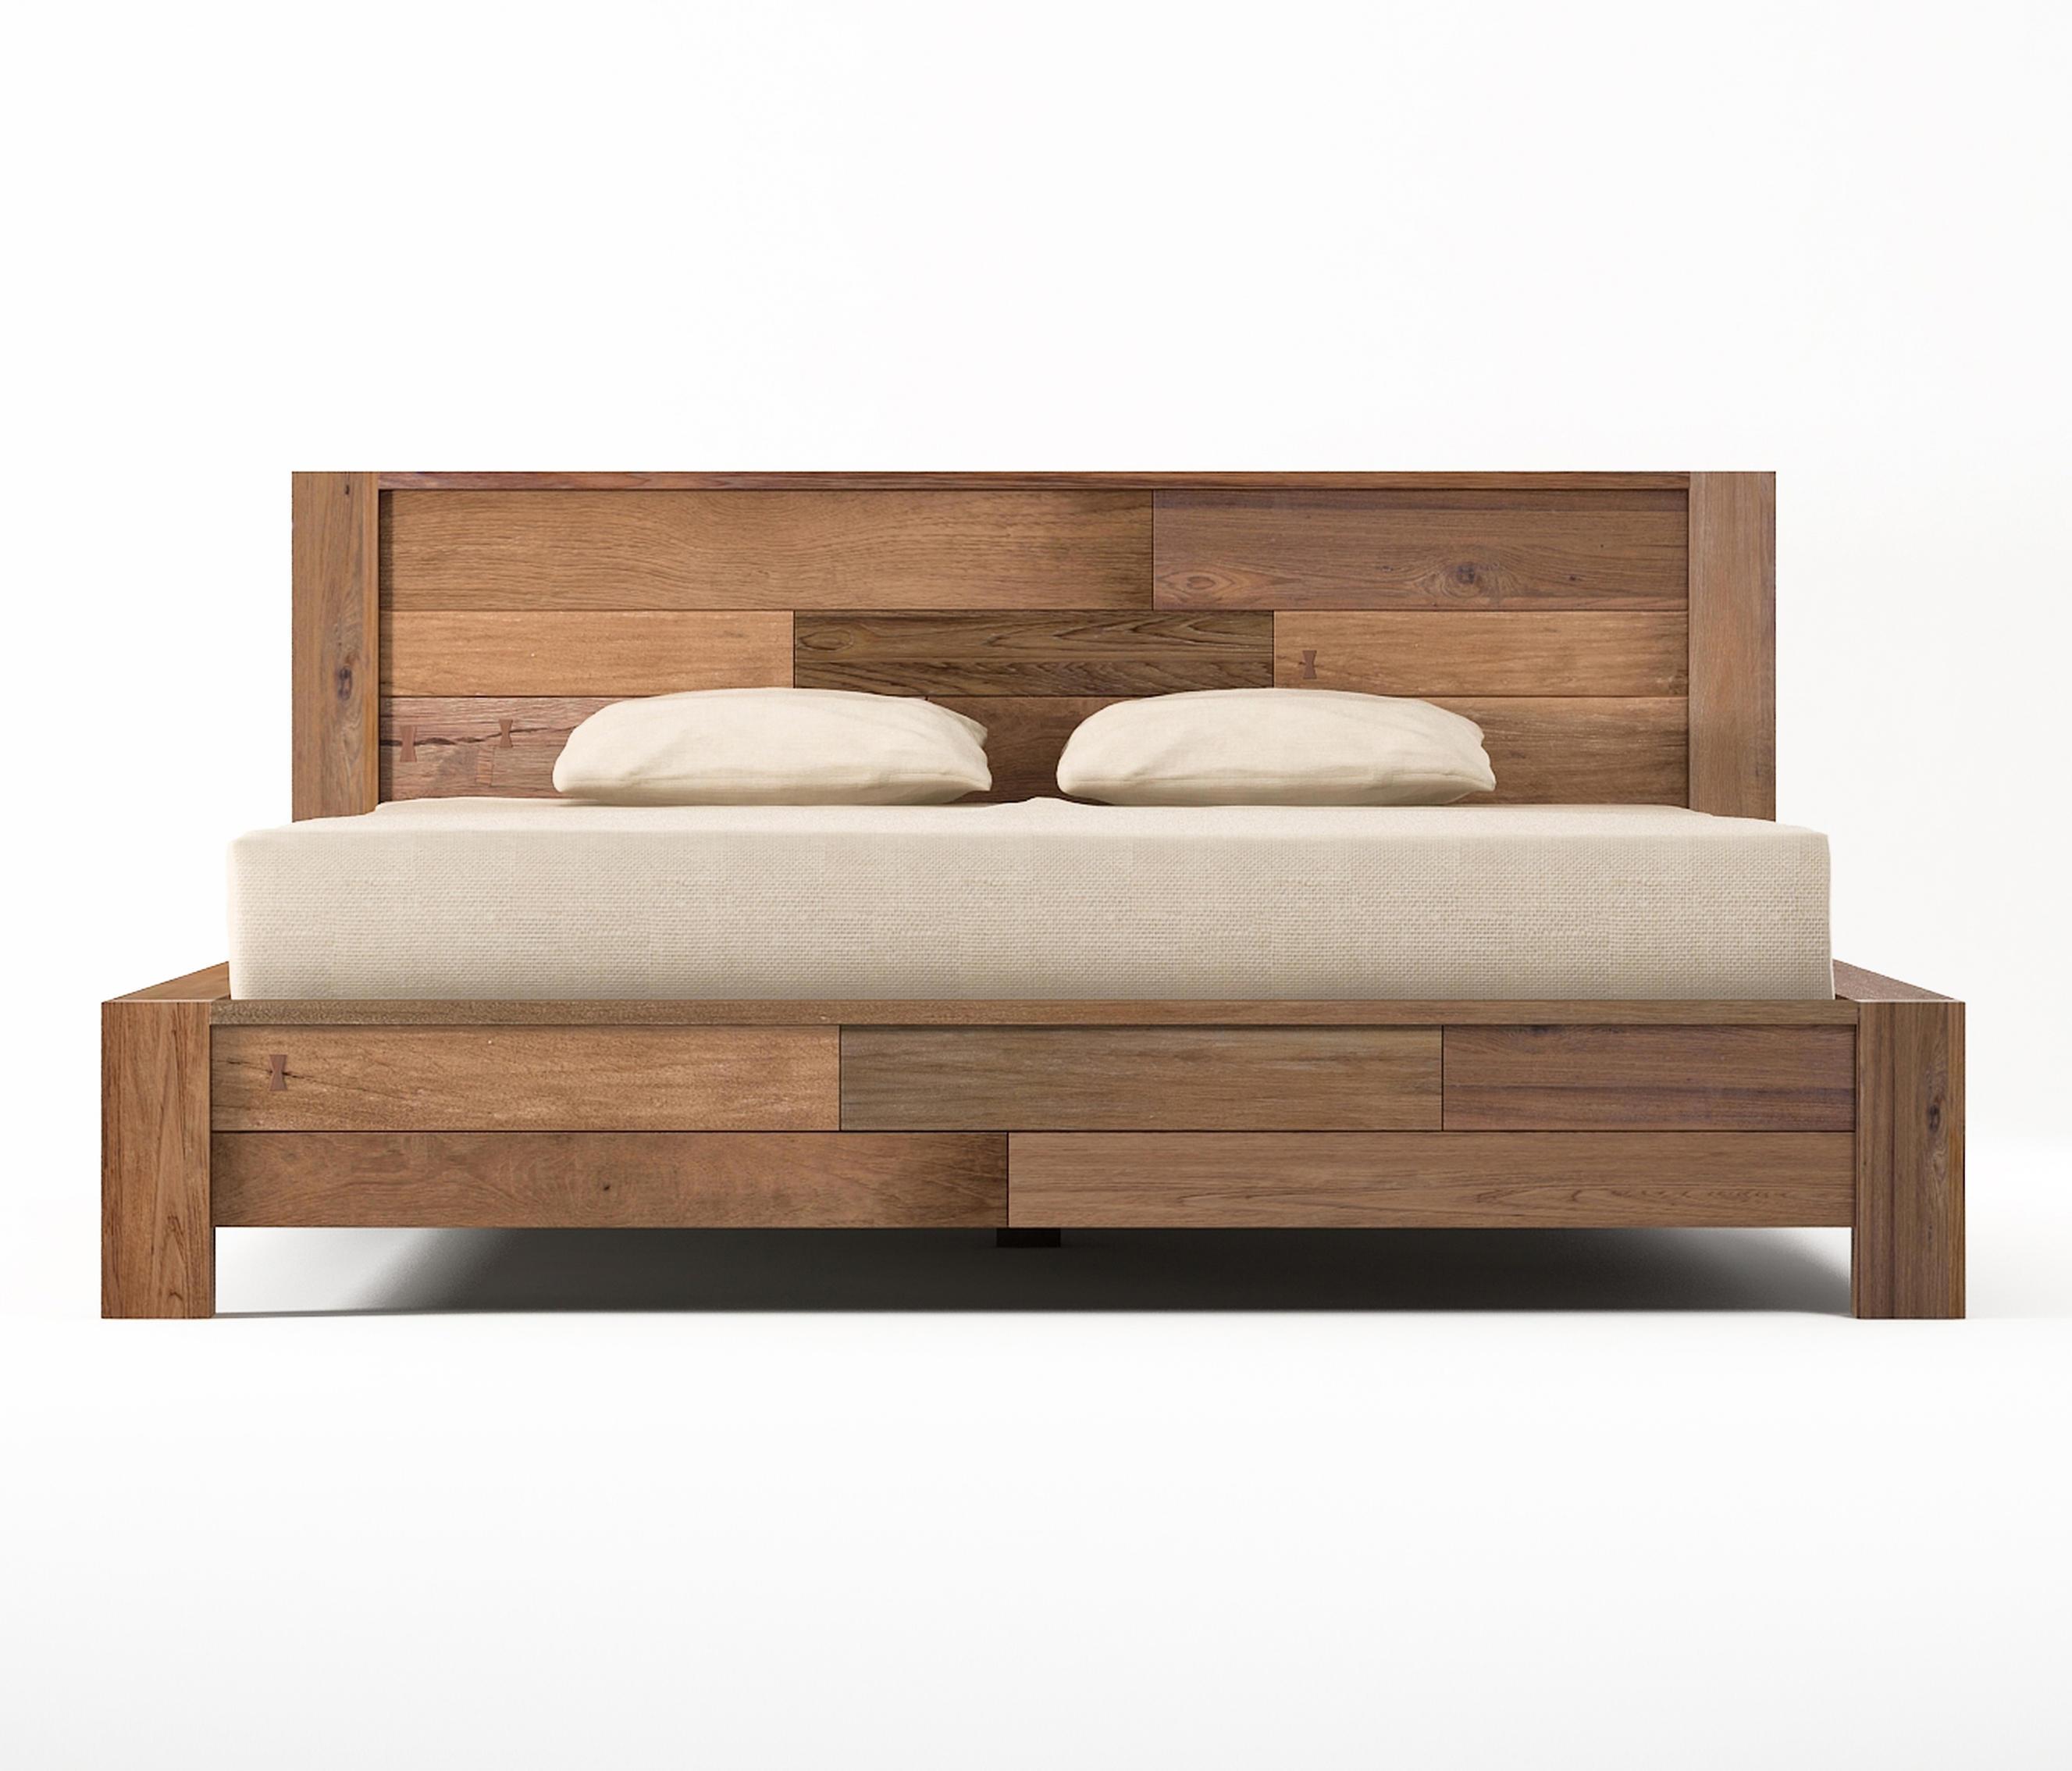 Organik European King Size Bed